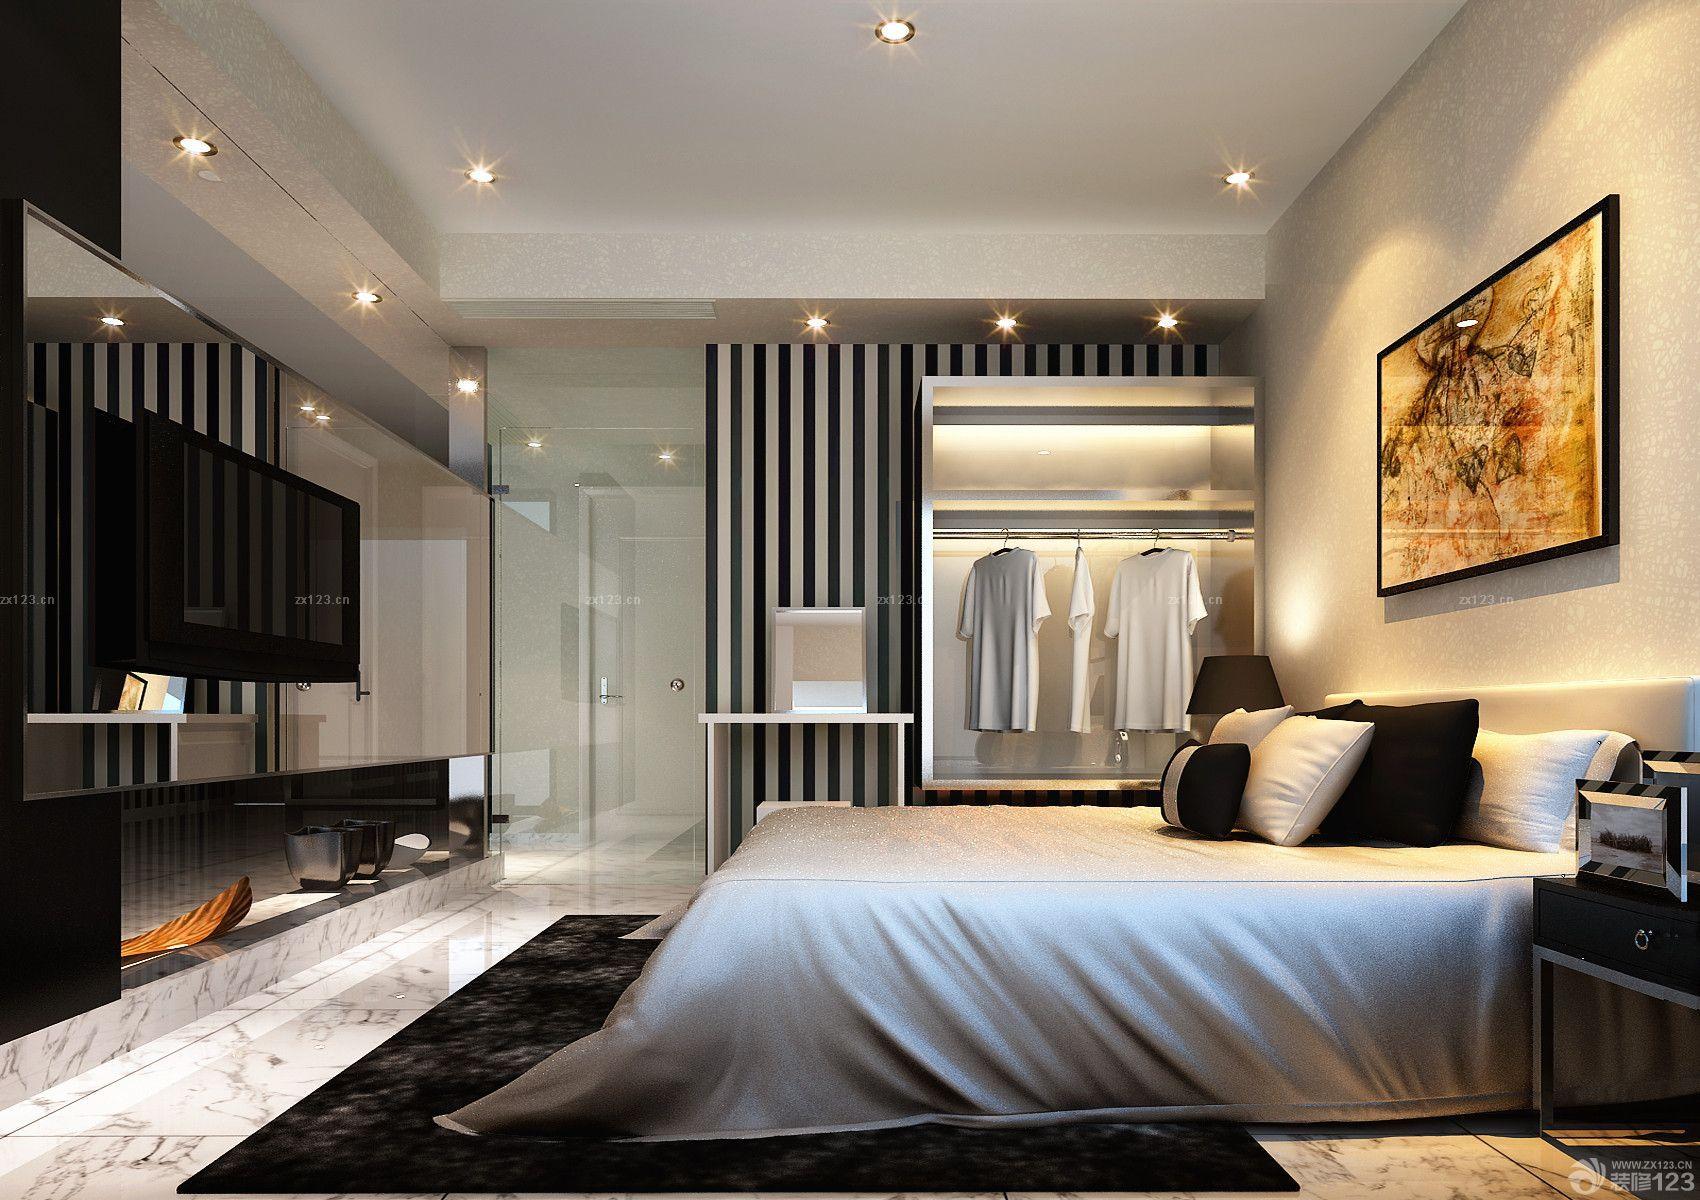 背景墙 房间 家居 起居室 设计 卧室 卧室装修 现代 装修 1700_1200图片